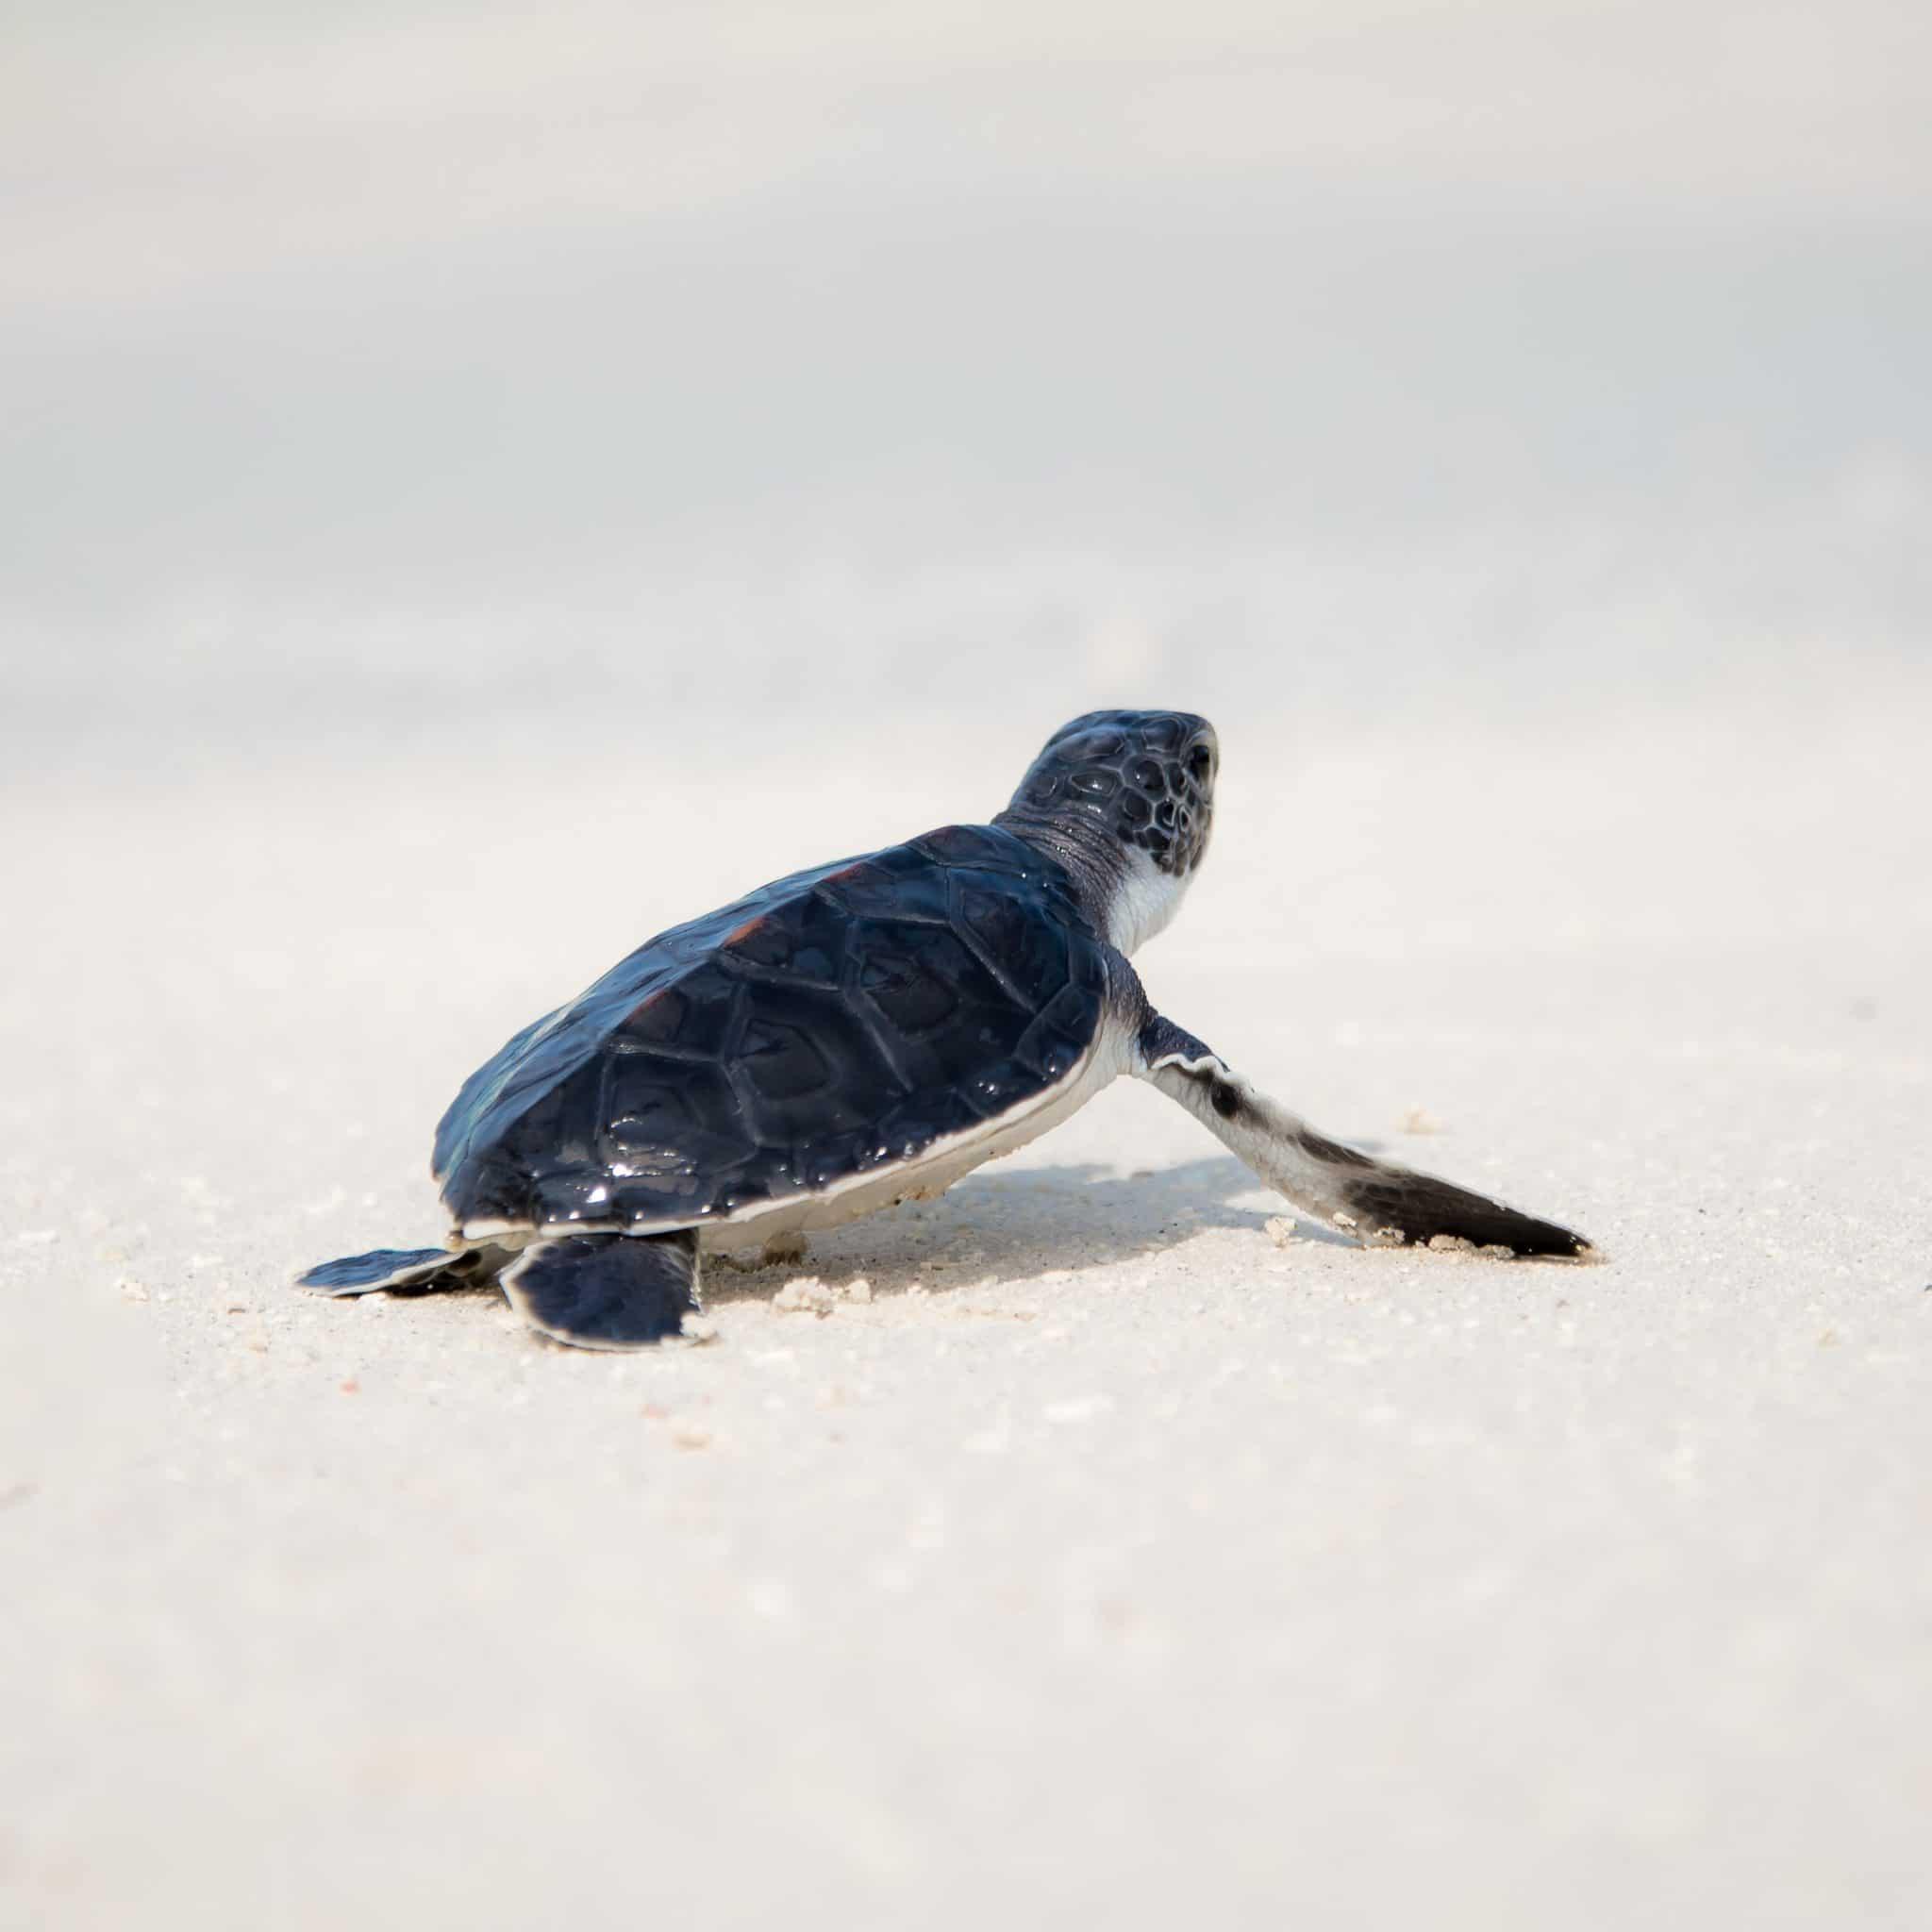 bébé tortue sur la plage